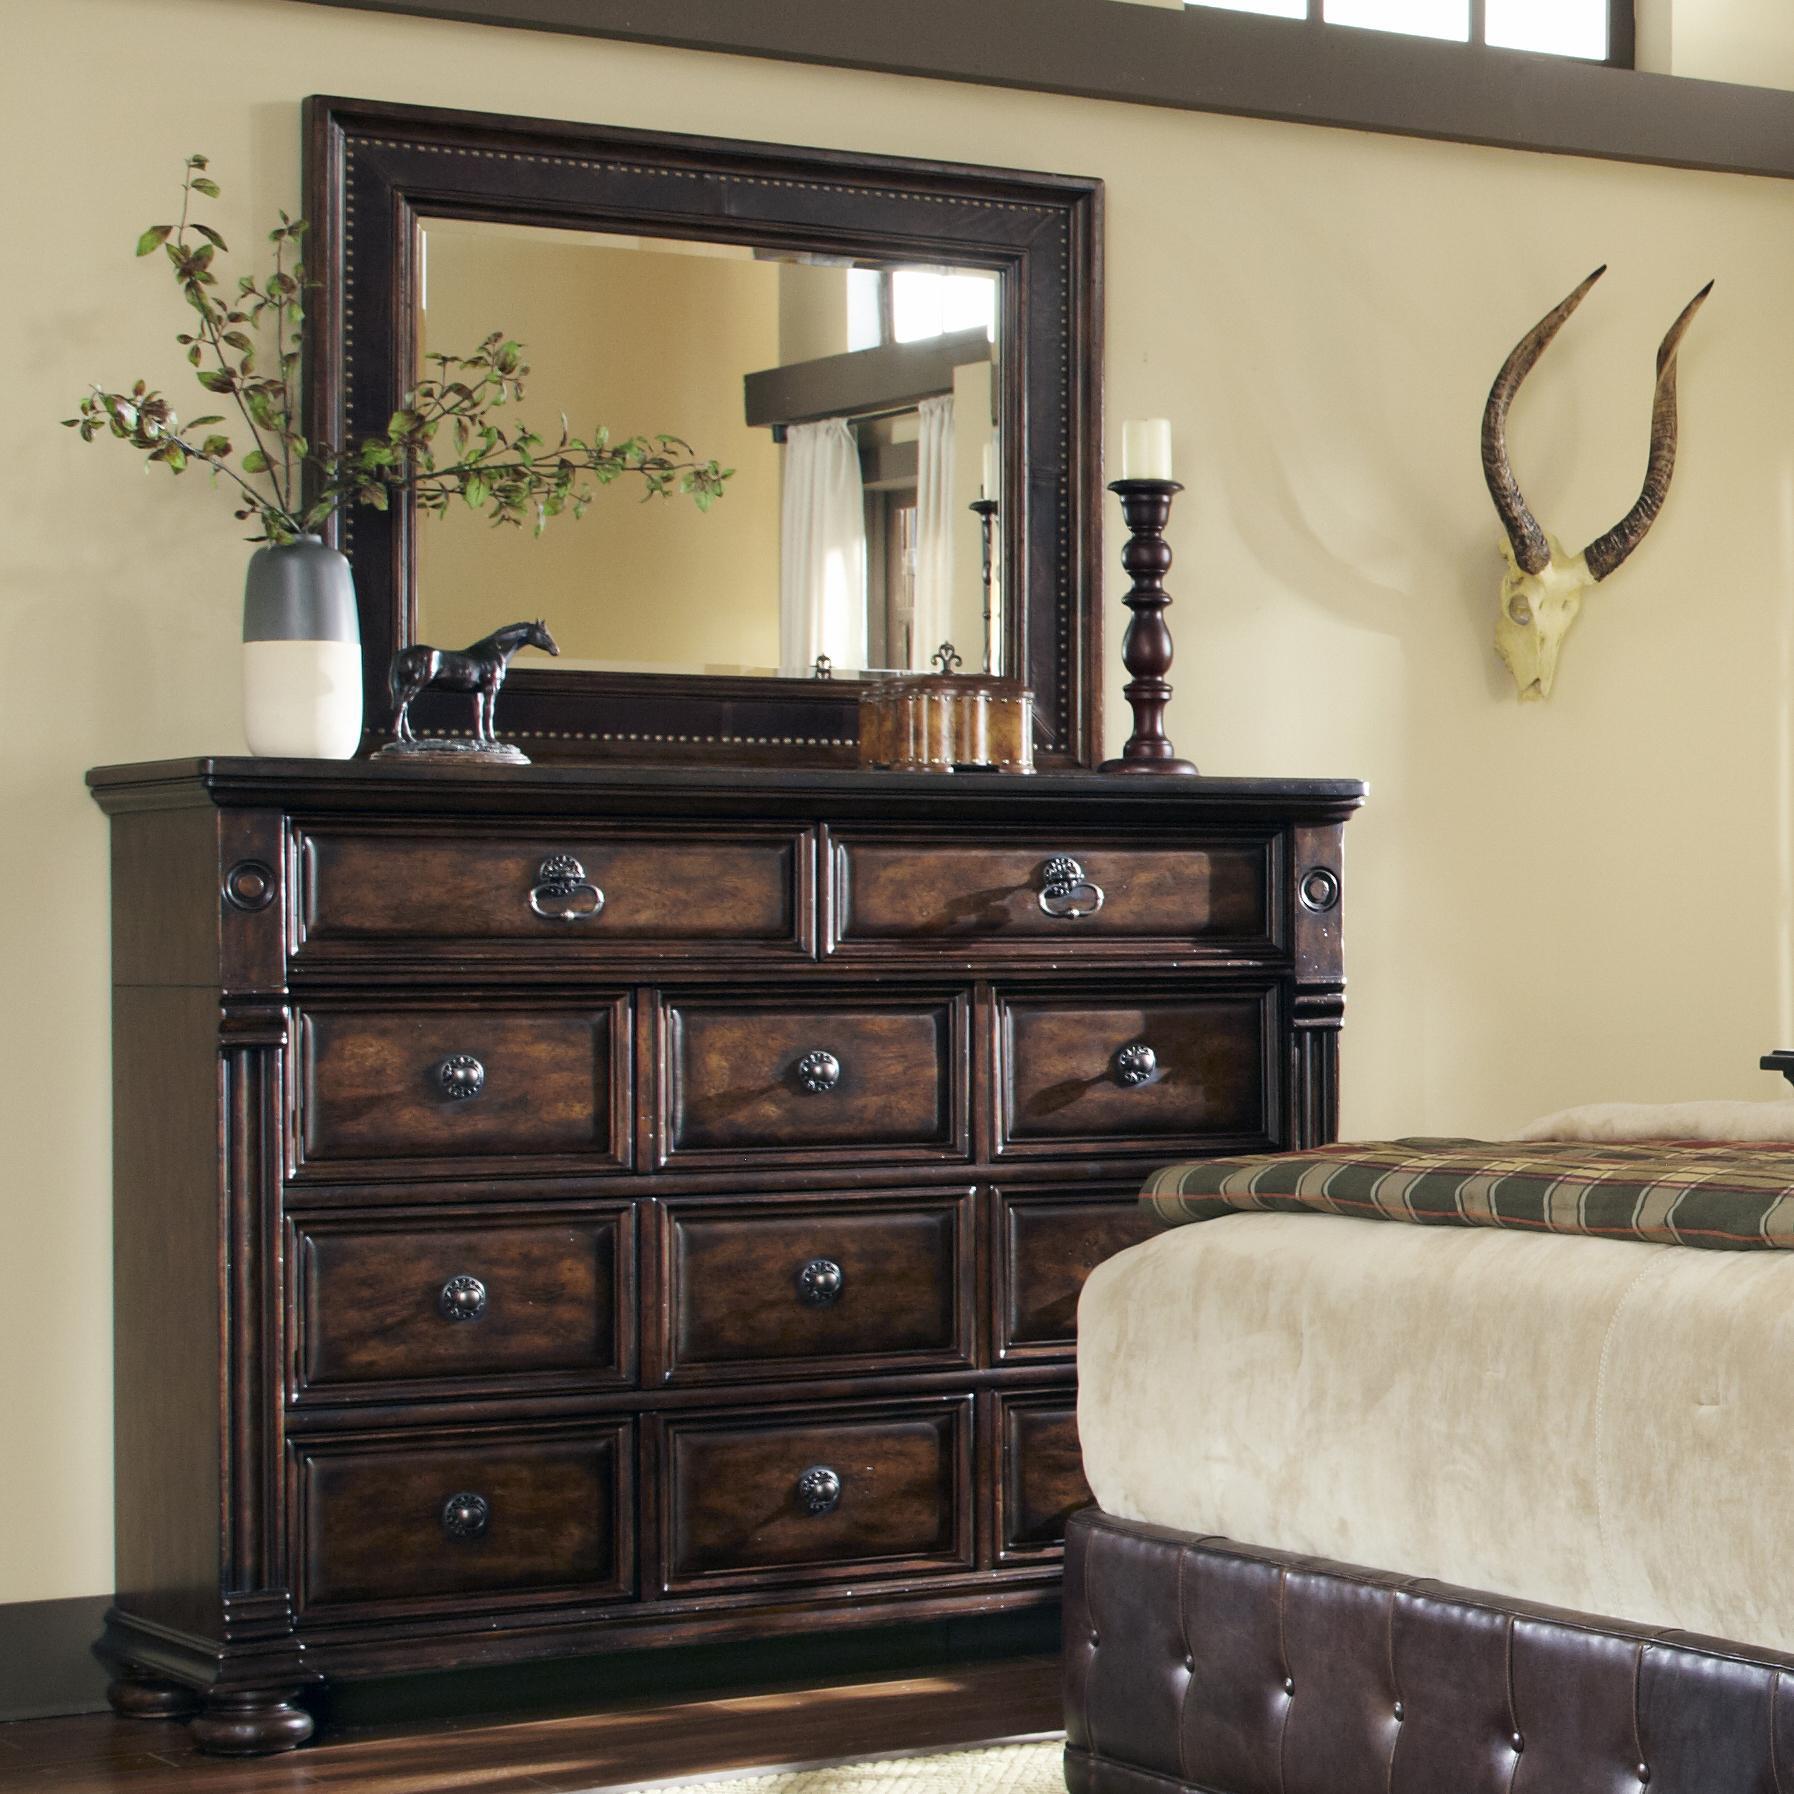 Belfort Signature Belvedere Dresser and Mirror Combo - Item Number: 205131-2304+205120